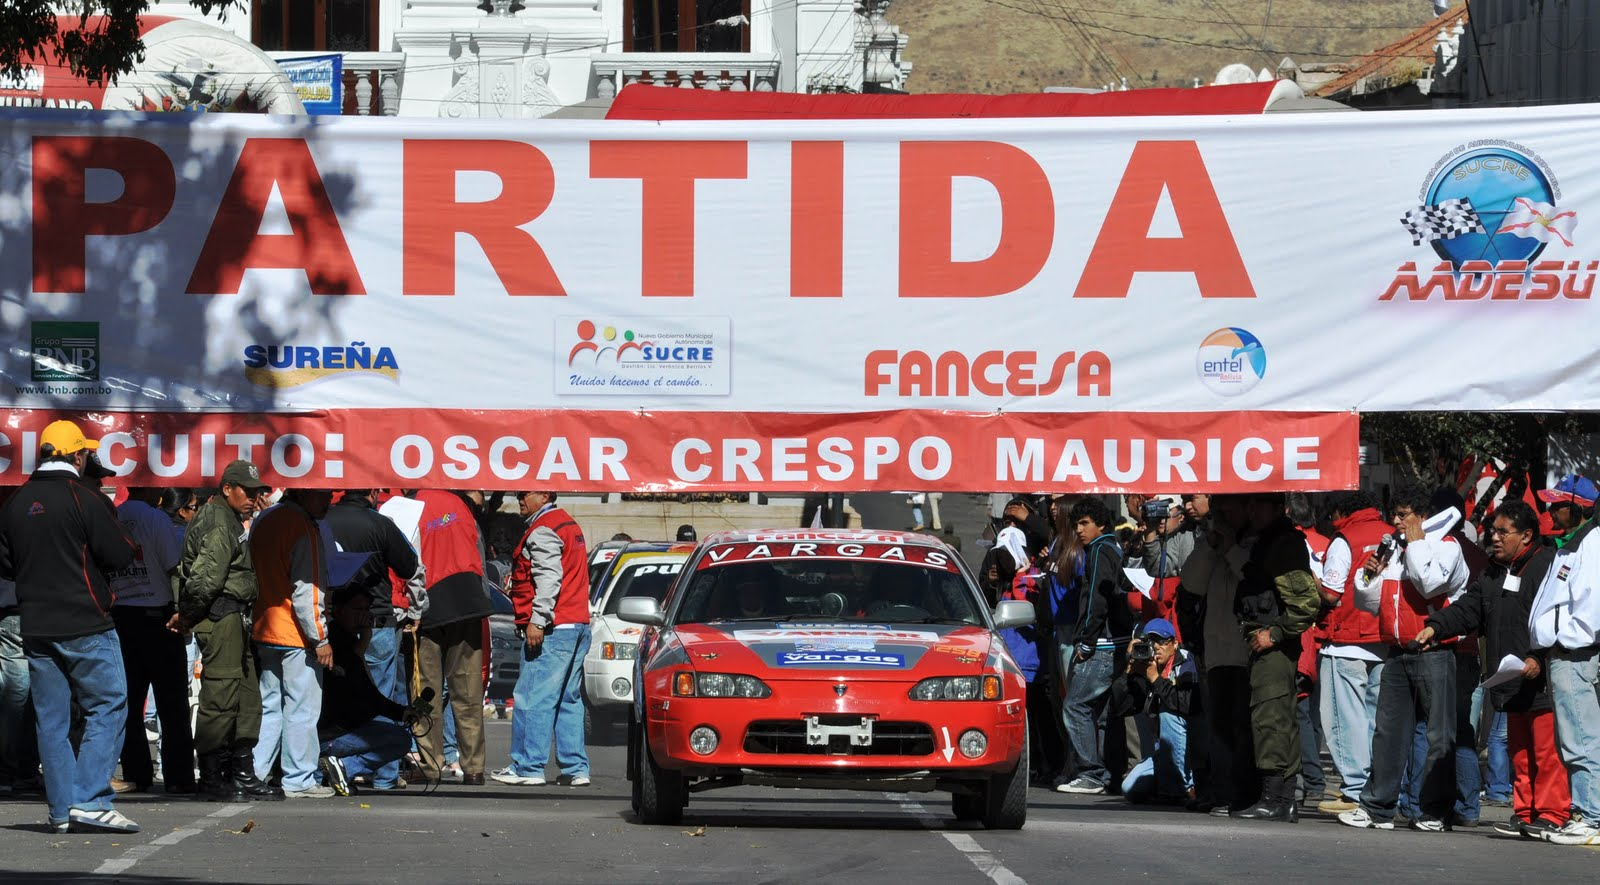 Circuito Oscar : El cruceño juan carlos salvatierra gana el circuito Óscar crespo